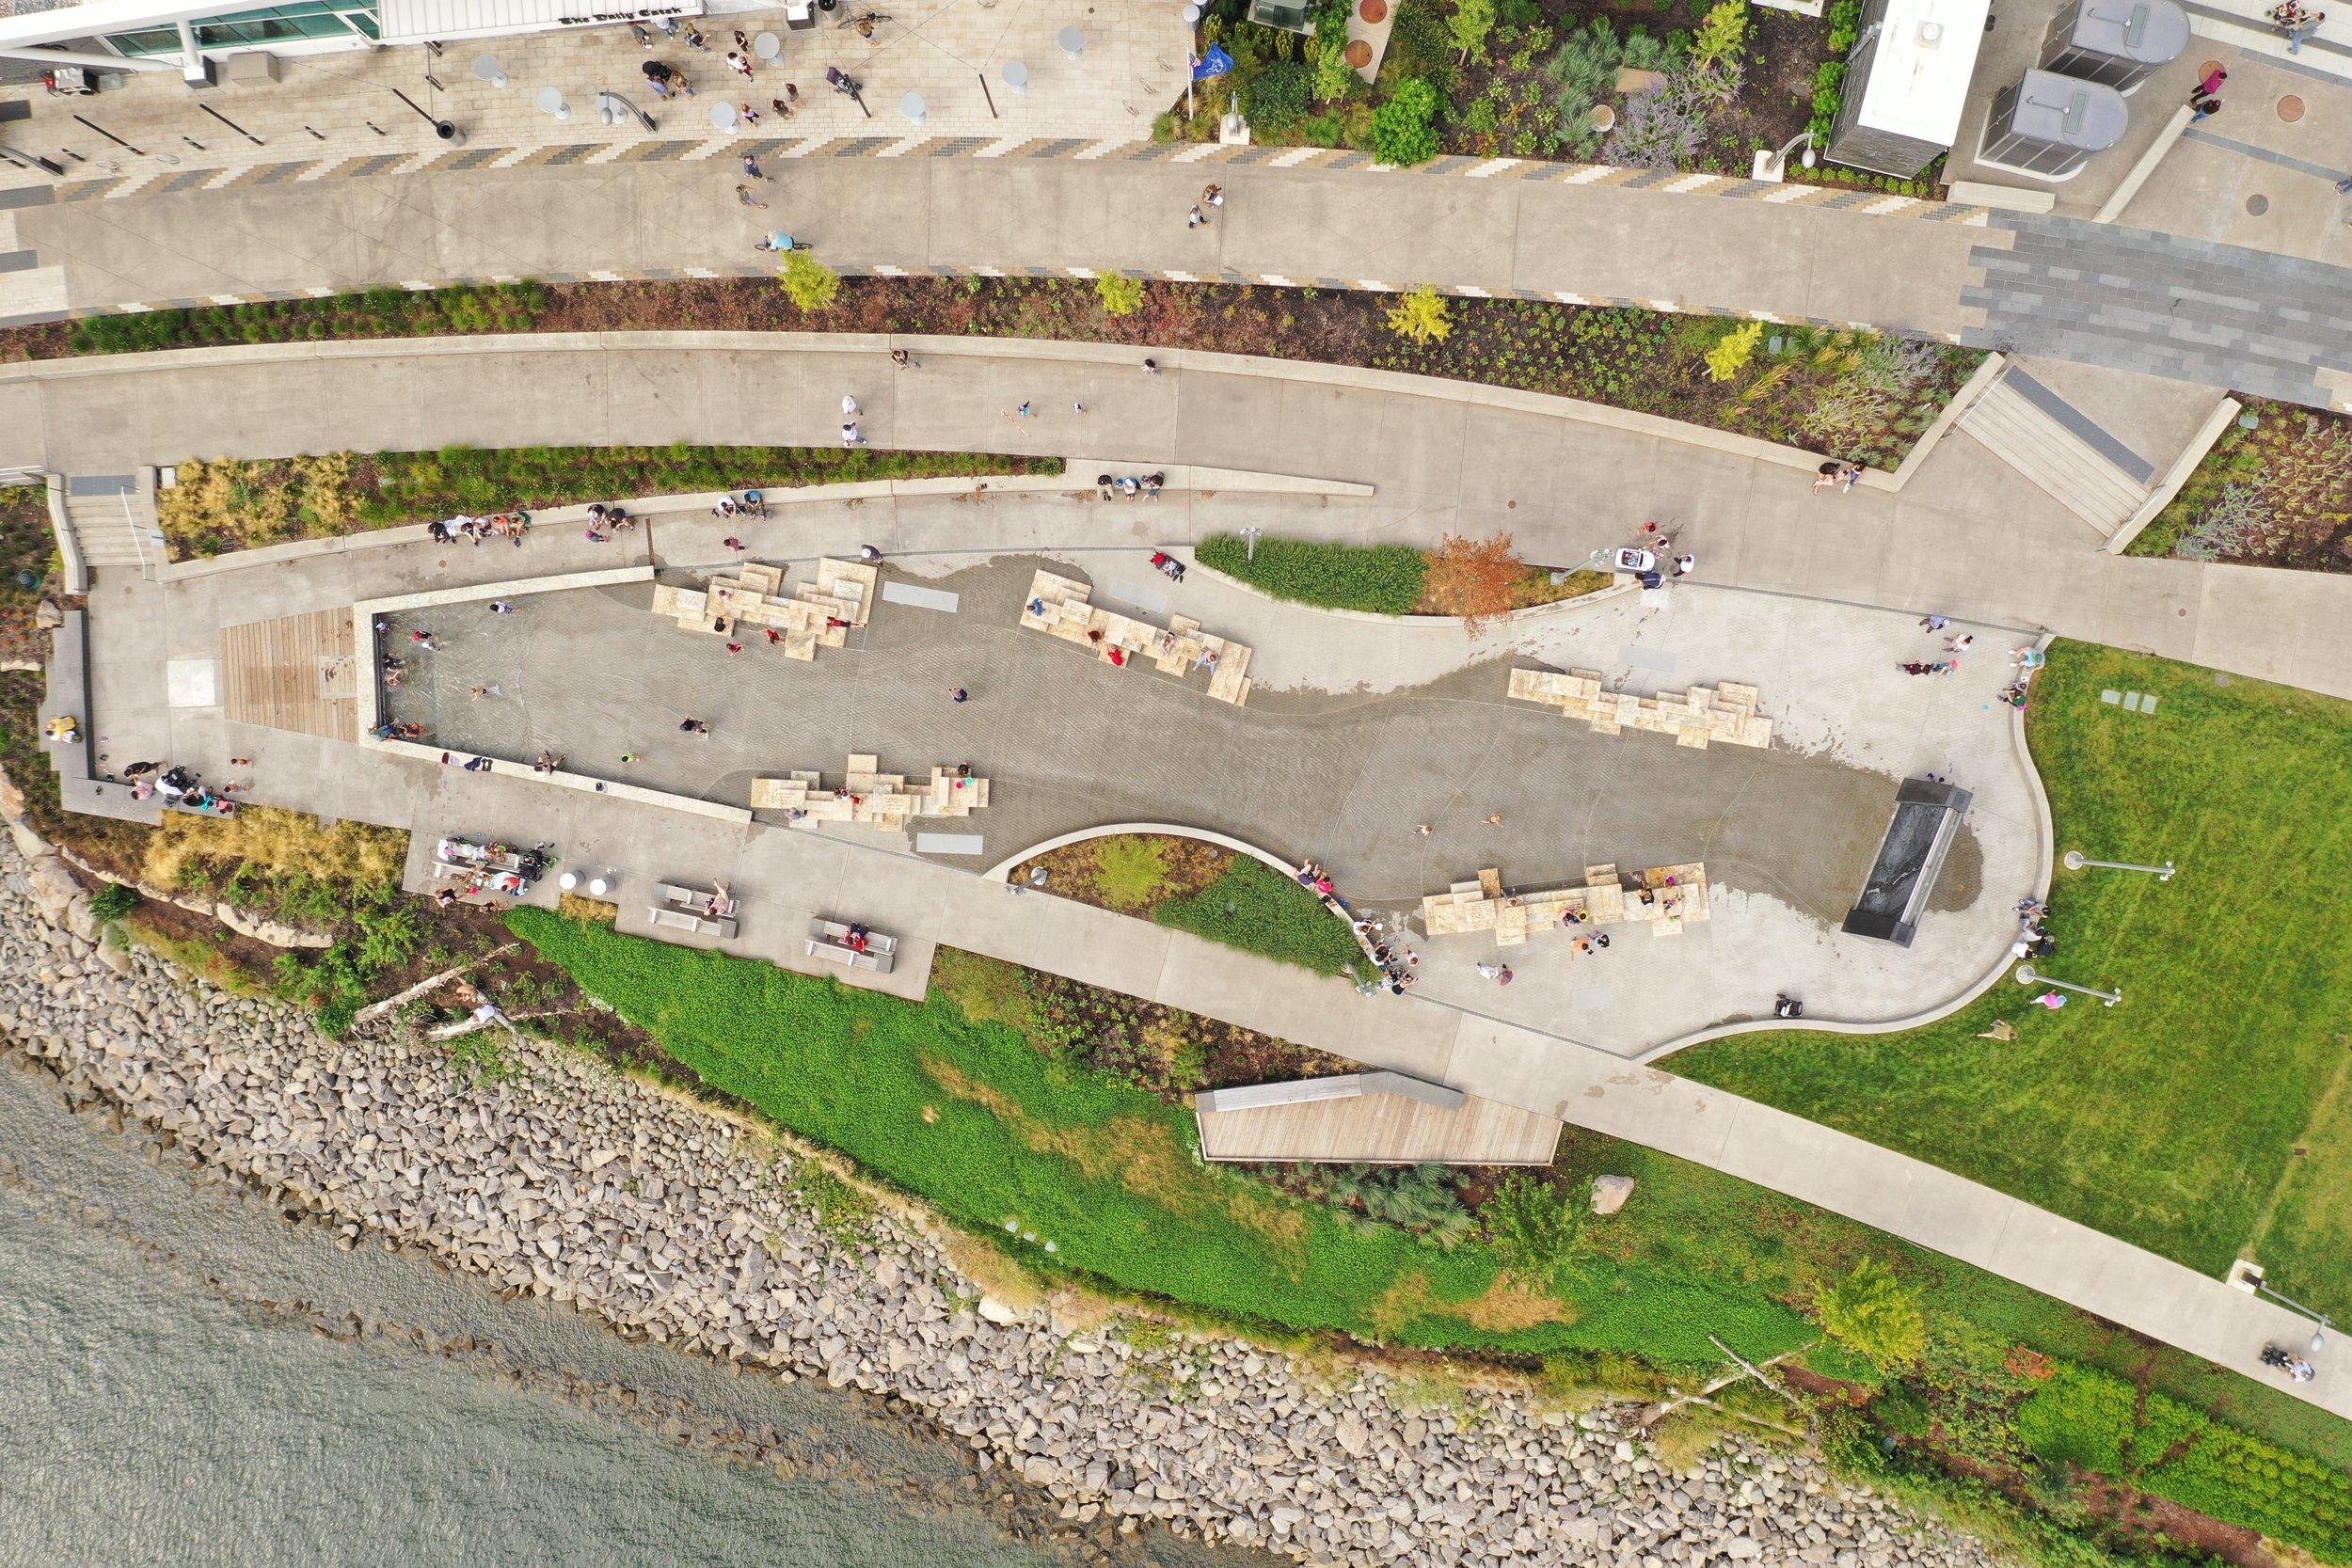 vancouver_waterfront park fountain_larry kirkland_public art services_j grant projects_20.JPG